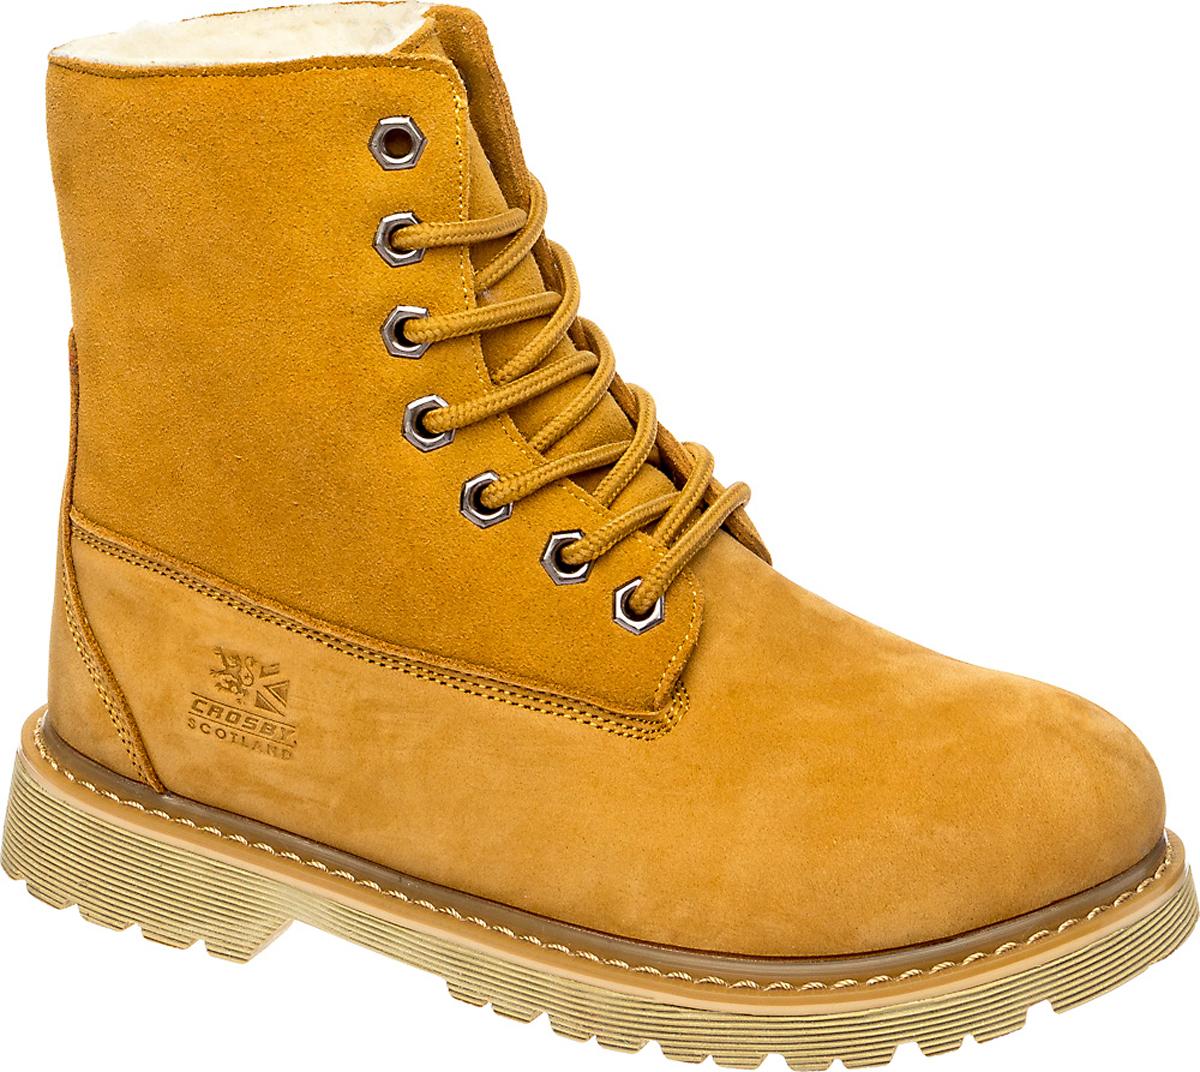 Ботинки Crosby ботинки мужские crosby цвет кэмел 488517 01 03 размер 40